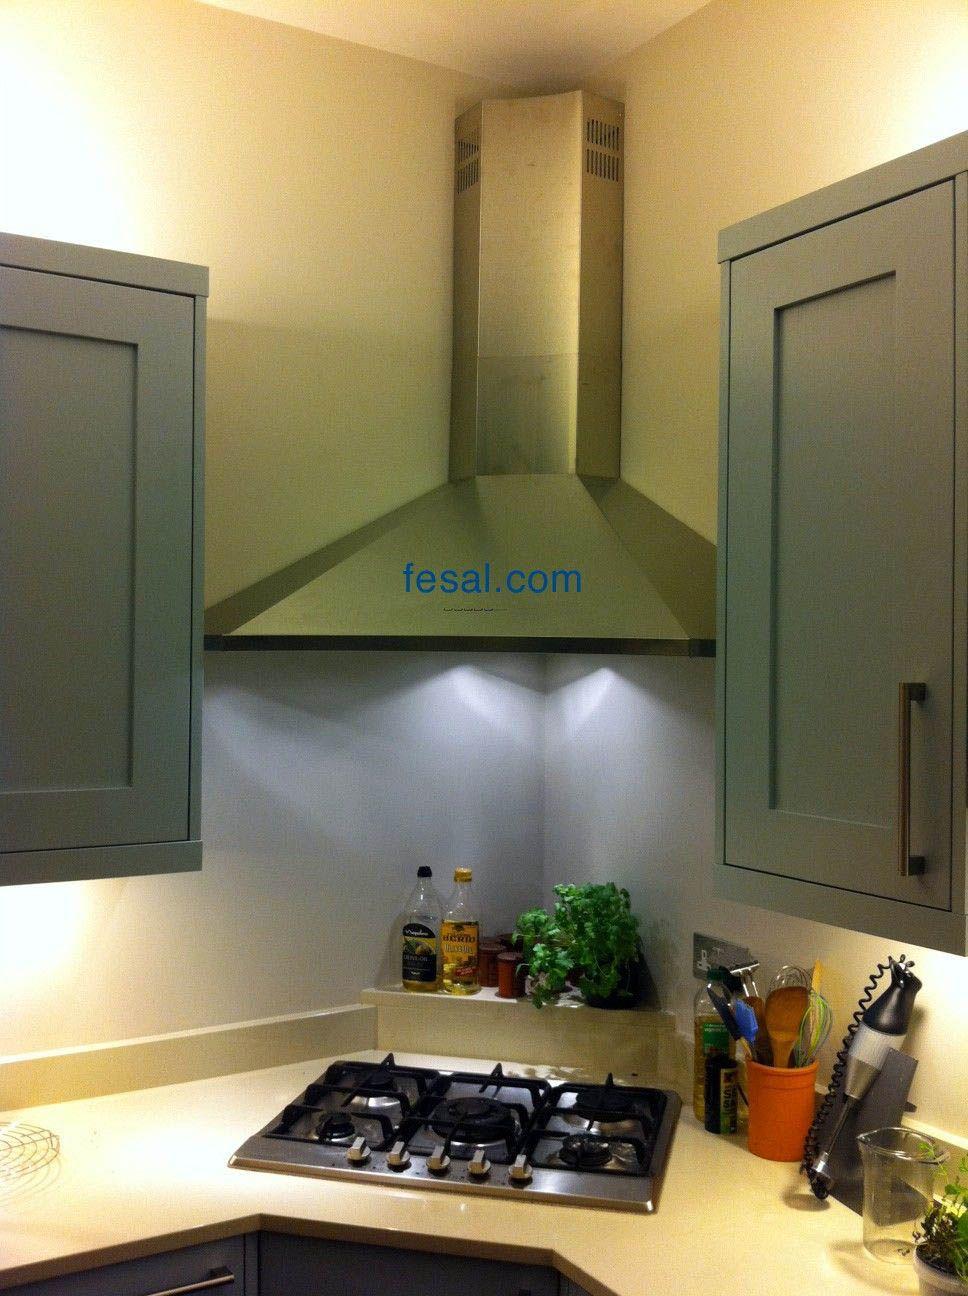 Marvelous Kitchen Corner Cabinet 800mm To Inspire You Fogao De Canto Cozinhas De Canto Interior De Cozinha